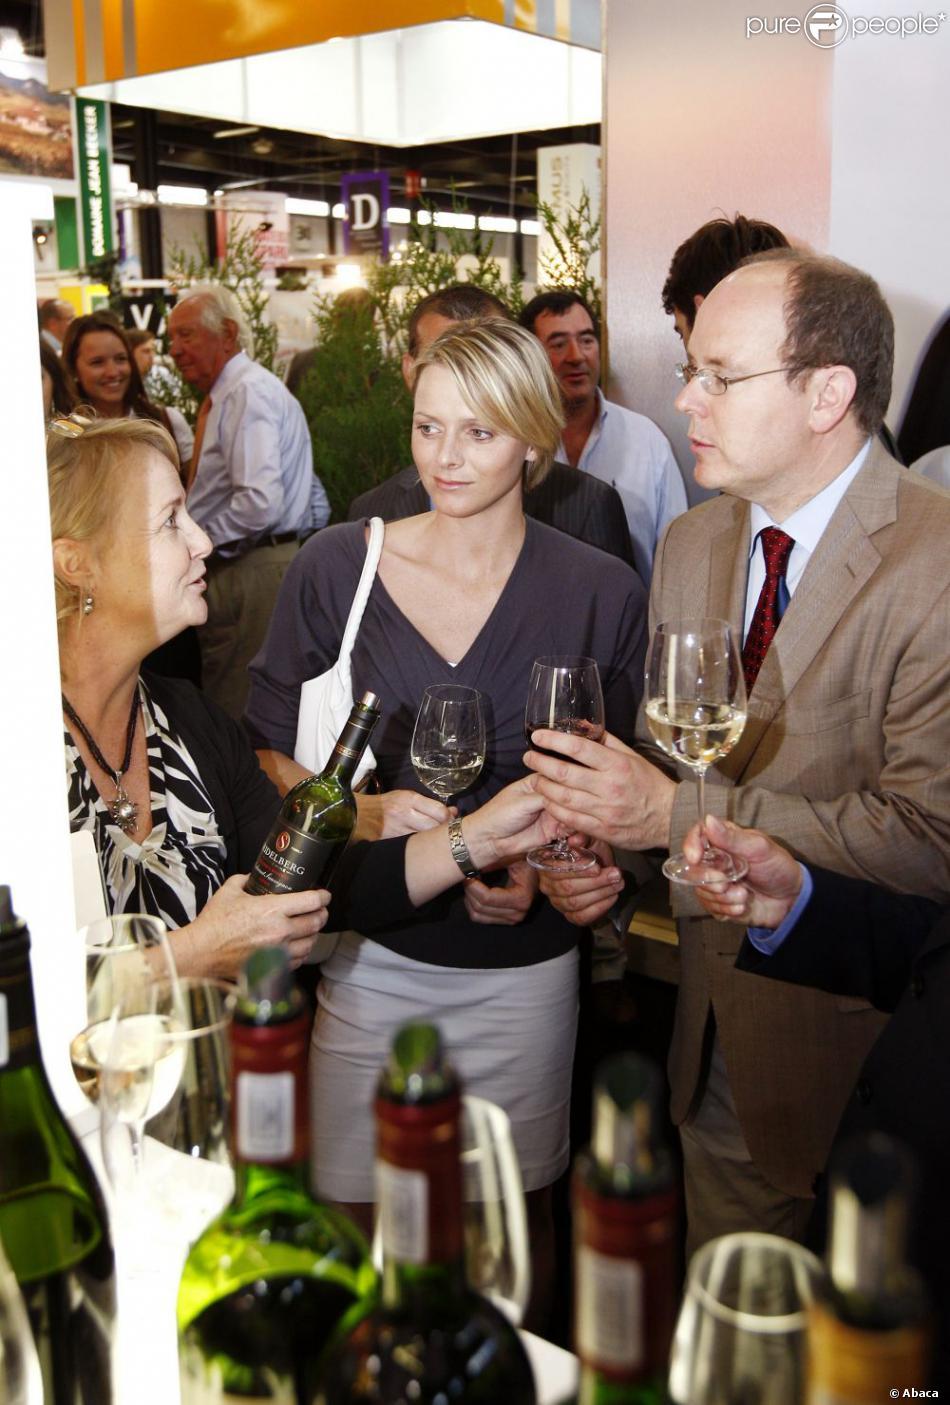 Le prince albert de monaco et charlene wittstock au salon for Salon vin bordeaux